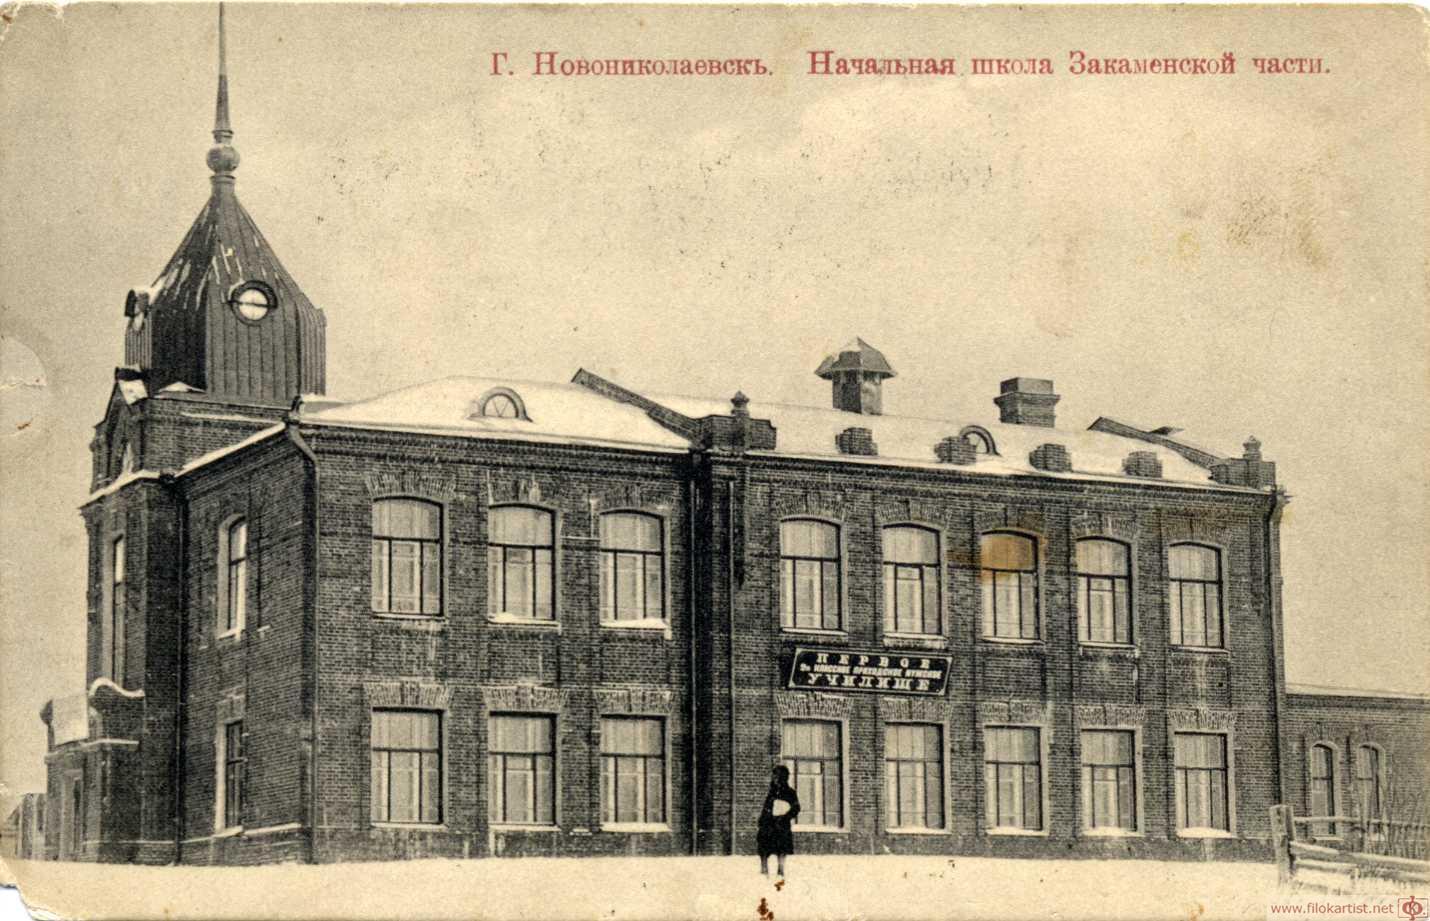 Начальная школа Закаменской части